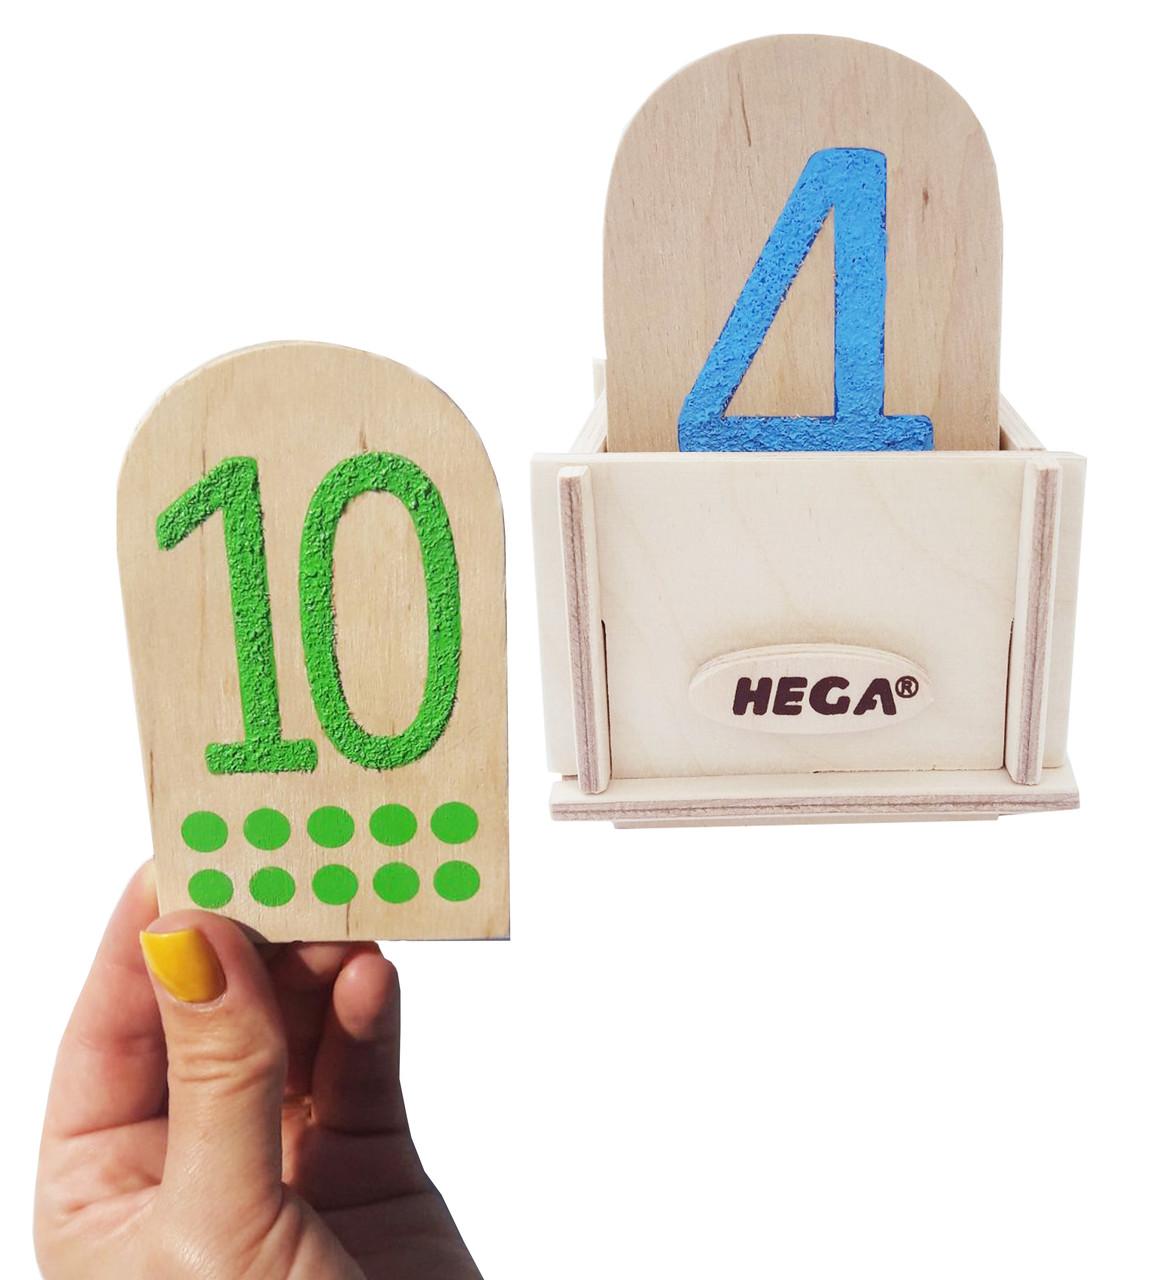 Сенсорний набір HEGA  Цифри та Крапки  за методикою Монтессорі №2